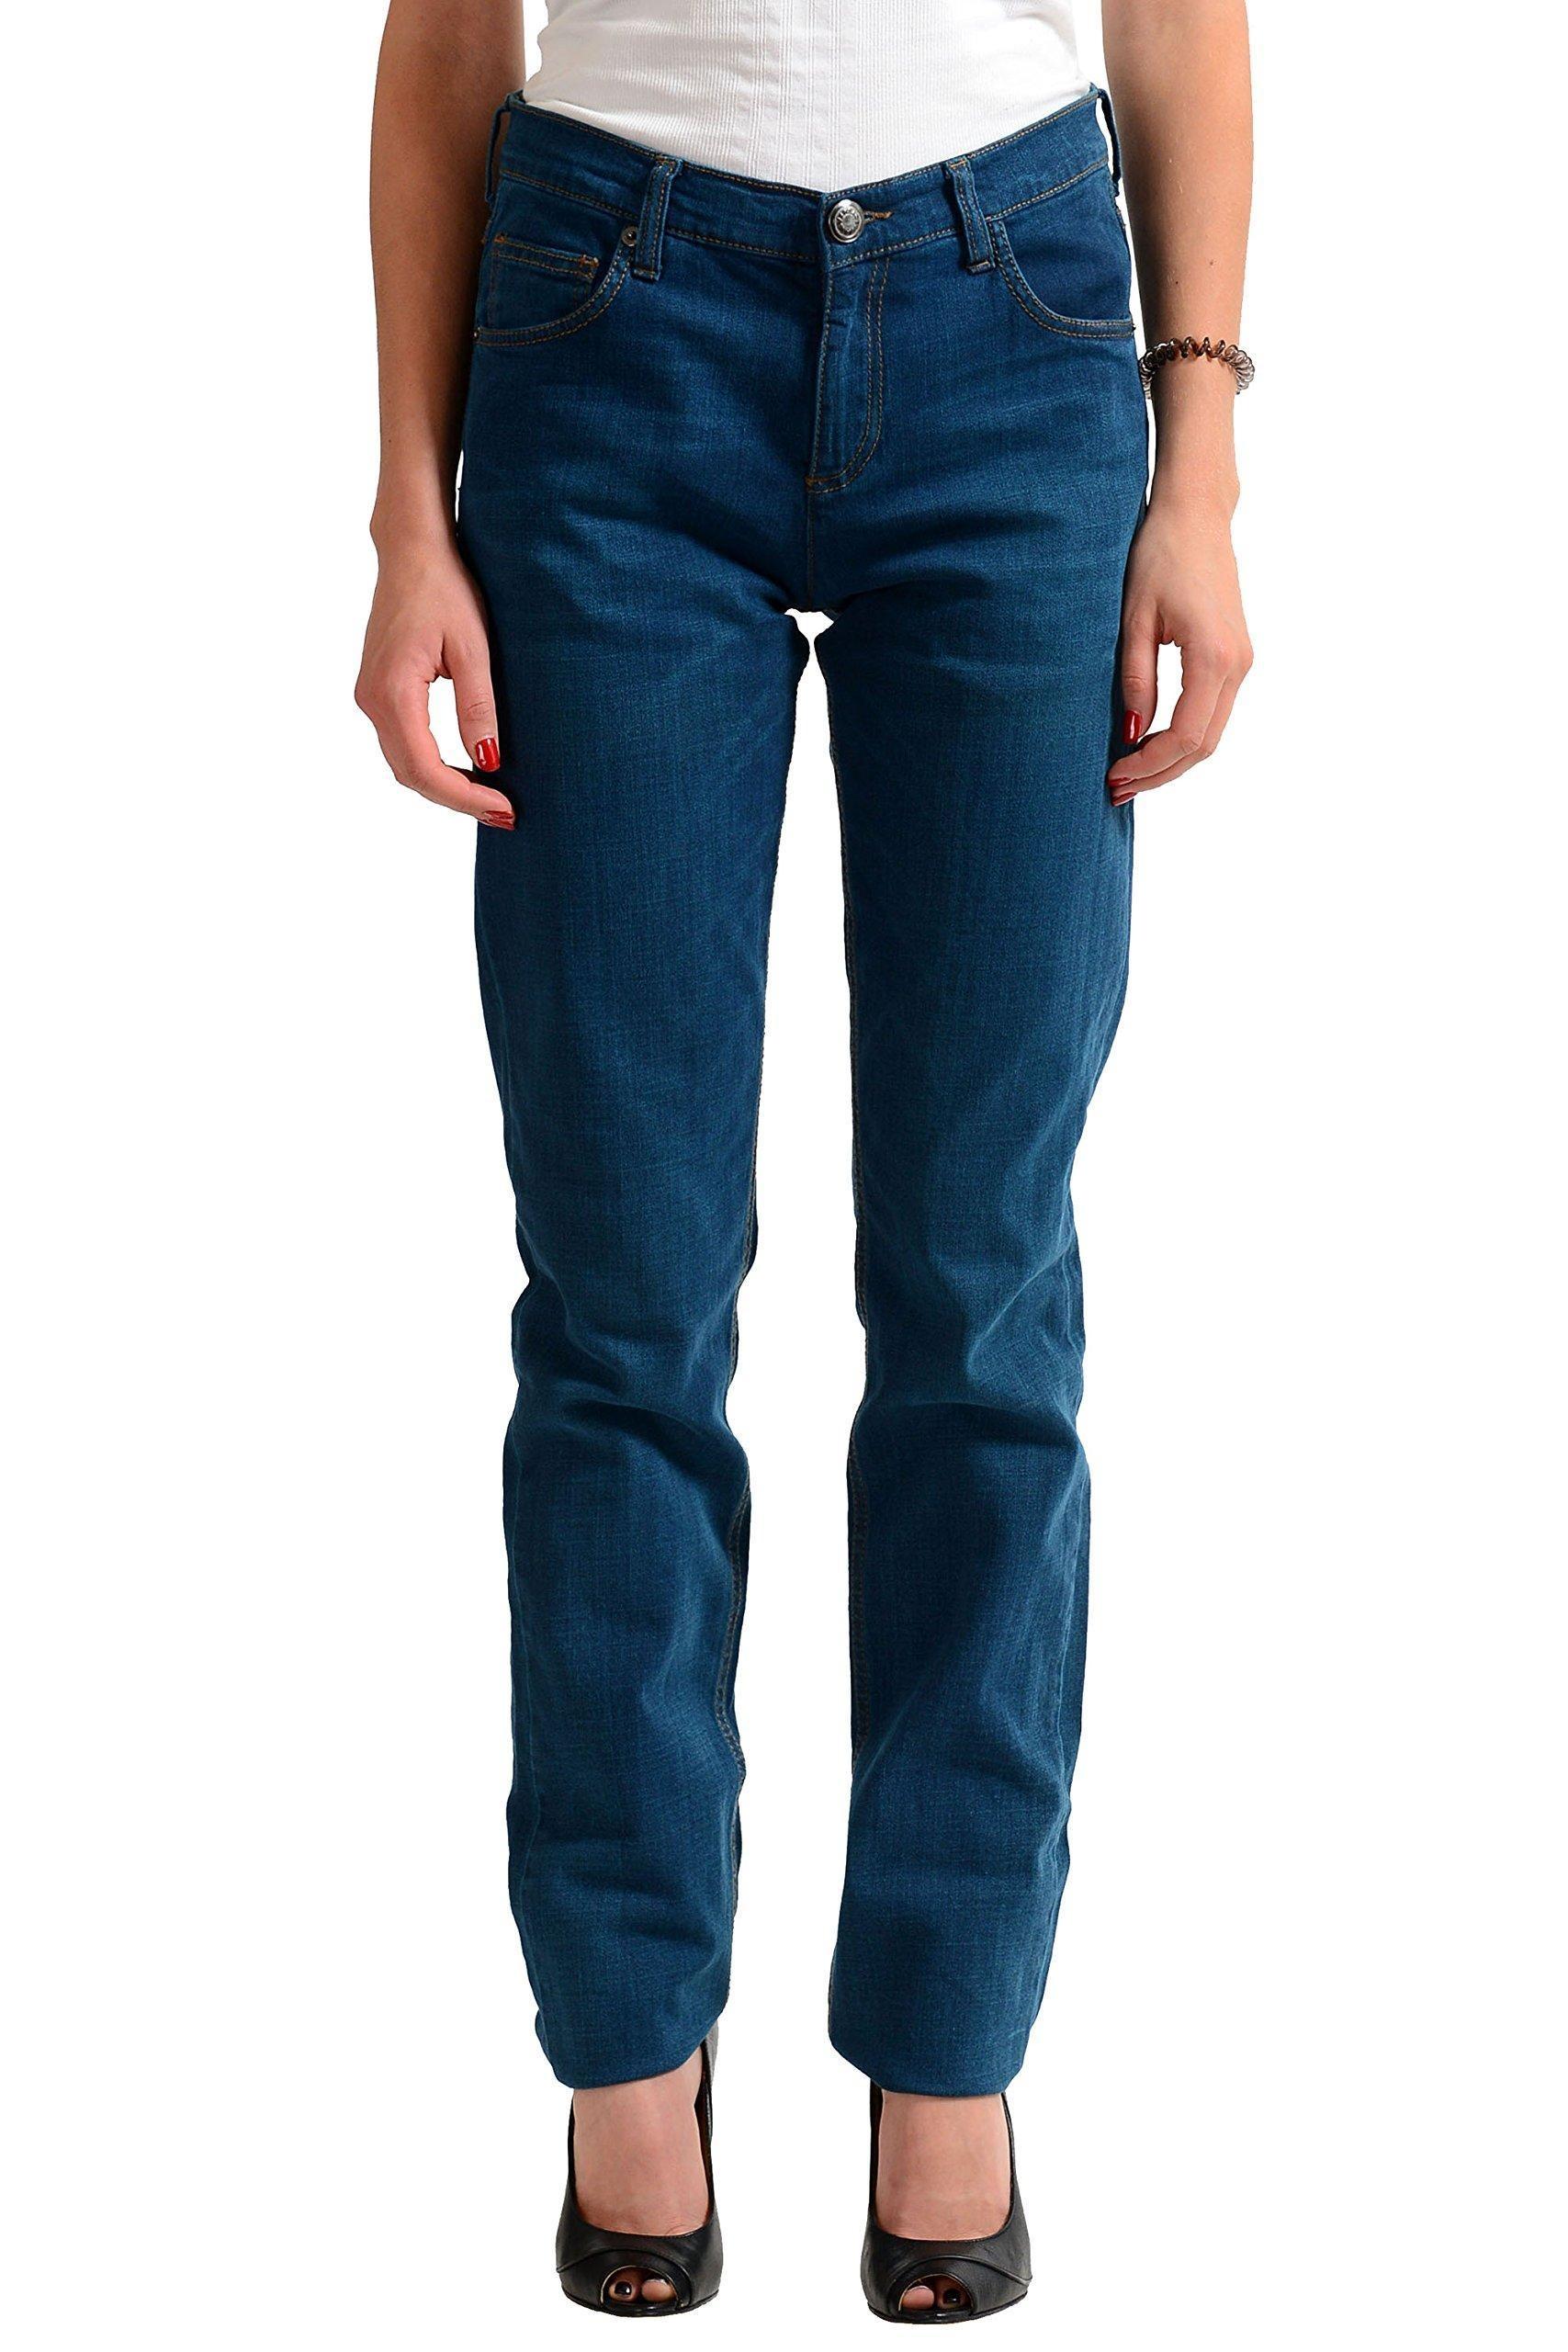 Versace Jeans Blue Slim Fit Women's Jeans US 8 IT 44